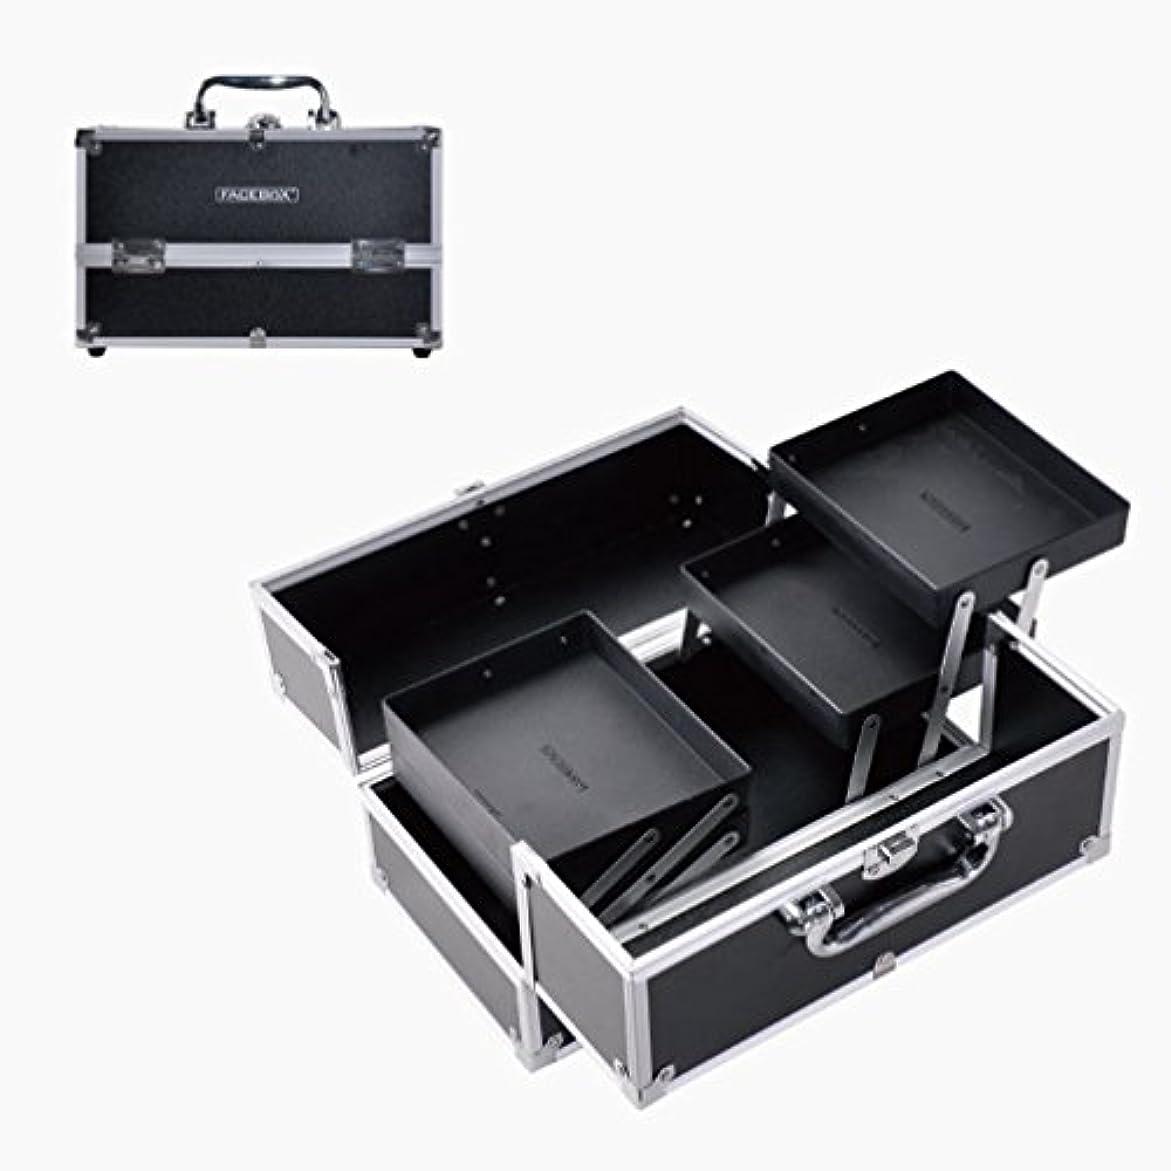 ジャーナルシチリア法律「XINXIKEJI」メイクボックス コスメボックス 大容量 2段/3段 化粧ボックス スプロも納得 収納力抜群 鍵付き かわいい 祝日プレゼント  取っ手付 コスメBOX